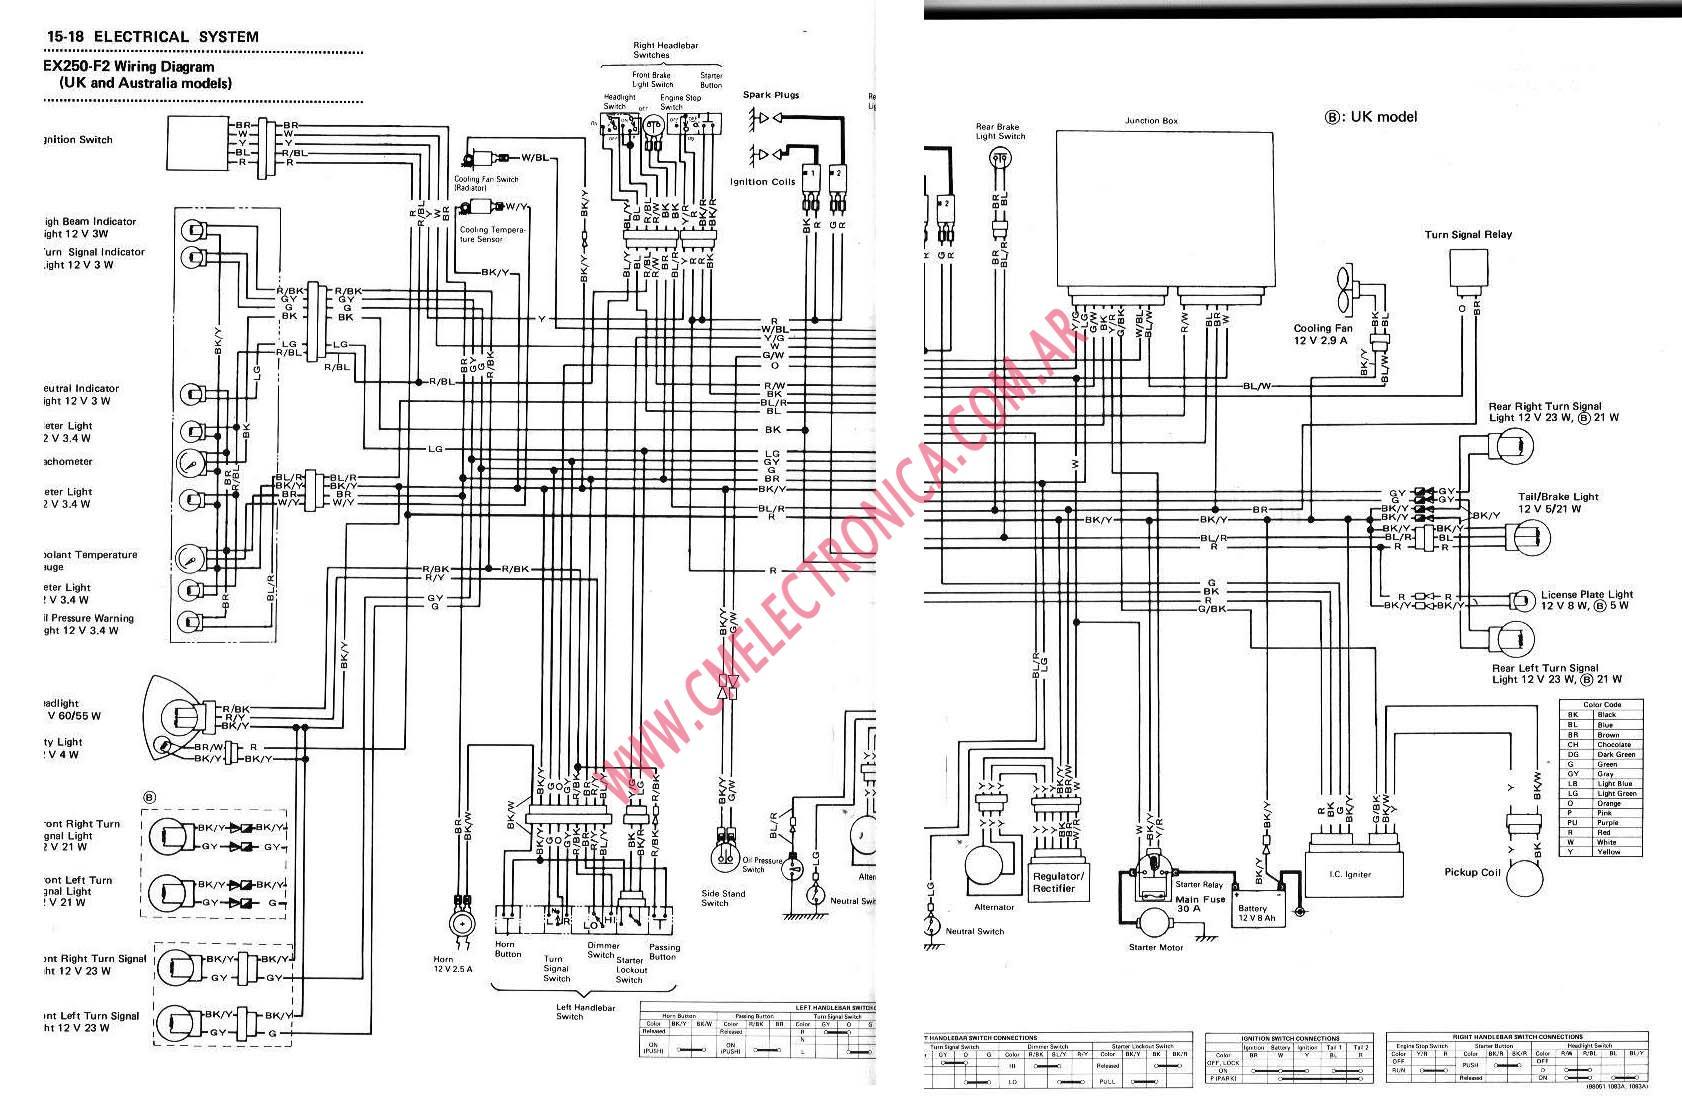 Diagram Of 1999 Jaguar Xjr Engine Diagram Circuit Diagrams